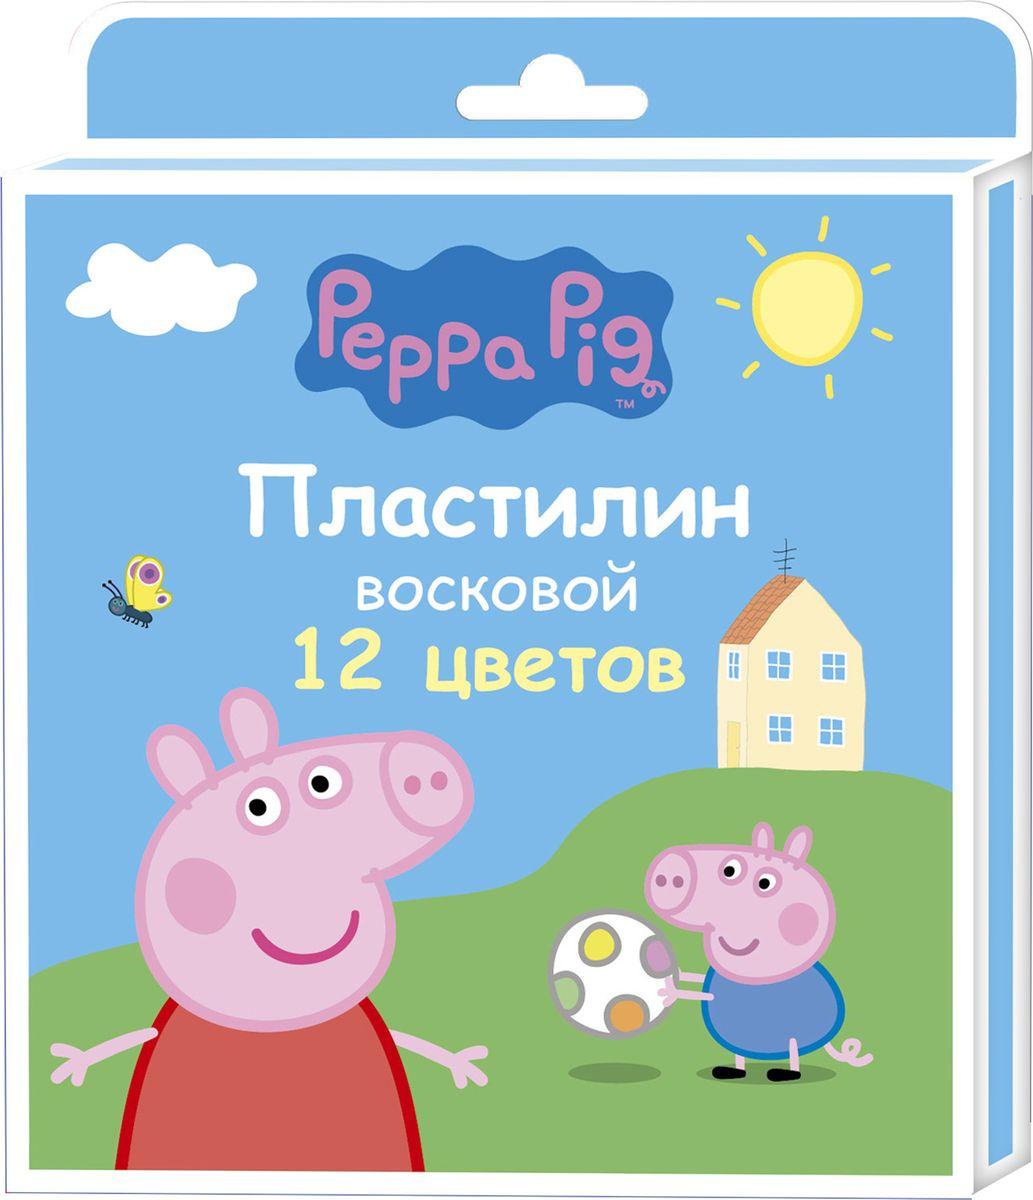 Peppa Pig Пластилин восковой Свинка Пеппа 12 цветов32035Яркий восковый пластилин Свинка Пеппа поможет вашему малышу создавать не только прекрасные поделки, но и рисунки. Изготовленный на основе природного воска и натуральных наполнителей, он обладает особой мягкостью и пластичностью: легко разминается и моделируется детскими пальчиками, не пачкается, не прилипает к рукам и рабочей поверхности, не крошится, не высыхает, хорошо держит форму, его цвета легко смешиваются друг с другом. Создавайте новые цвета и оттенки, лепите, рисуйте и экспериментируйте, развивая при этом у ребенка мелкую моторику, тактильное восприятие формы, веса и фактуры, воображение и пространственное мышление. А любимые герои будут вдохновлять юного мастера на новые творческие идеи. В наборе Свинка Пеппа 12 ярких цветов воскового пластилина по 15 г и пластиковая стека. Состав: парафин, петролатум, мел, каолин, красители.